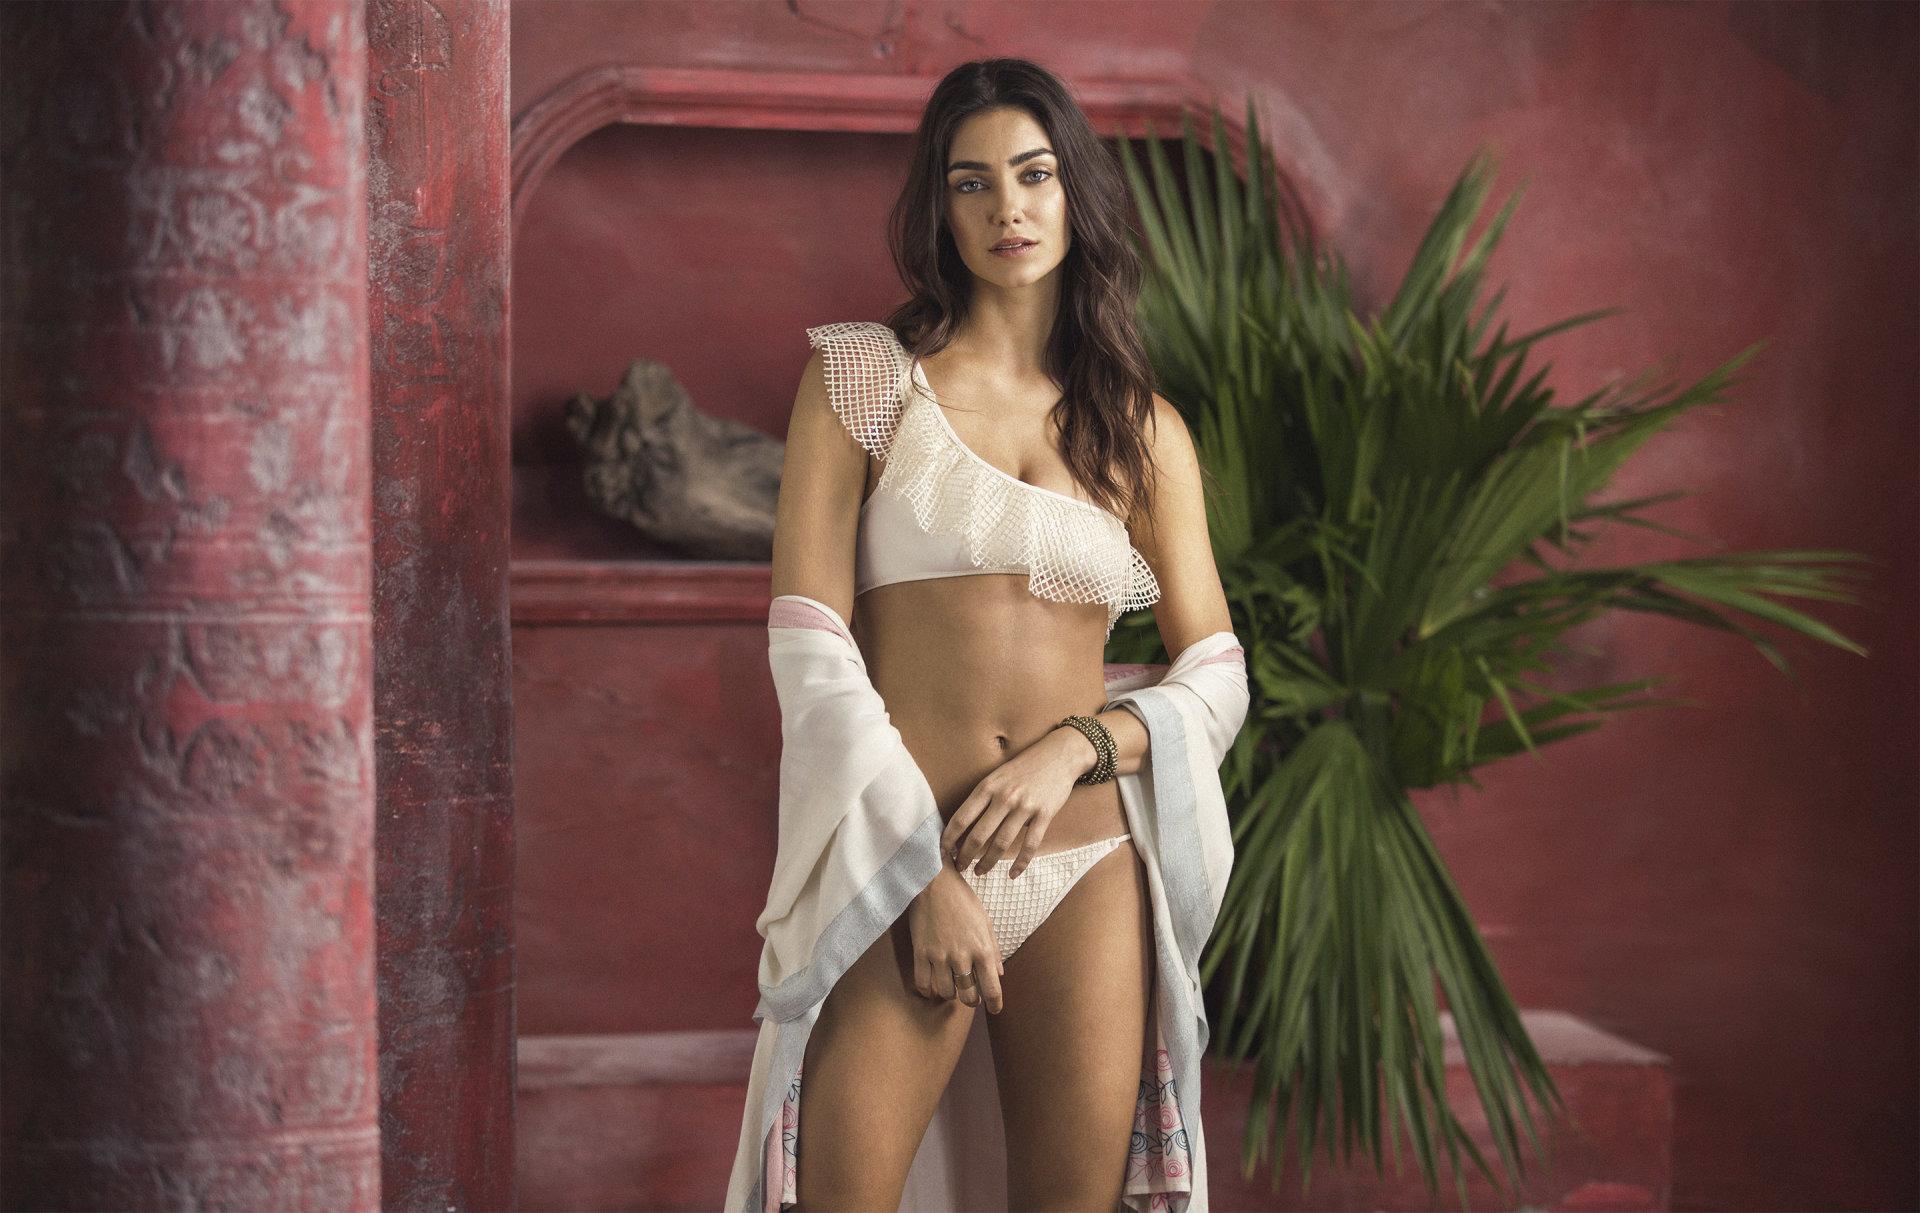 Model: Leticia Abellan Brand: OndadeMarOndadeMar es una marca colombiana de trajes de baño y productos de estilo de vida de resort. A lo largo del tiempo ha establecido tendencias de moda mediante su diseño con un sutil estilo latino.OndadeMar is a Colombian brand of swimsuits and resort lifestyle